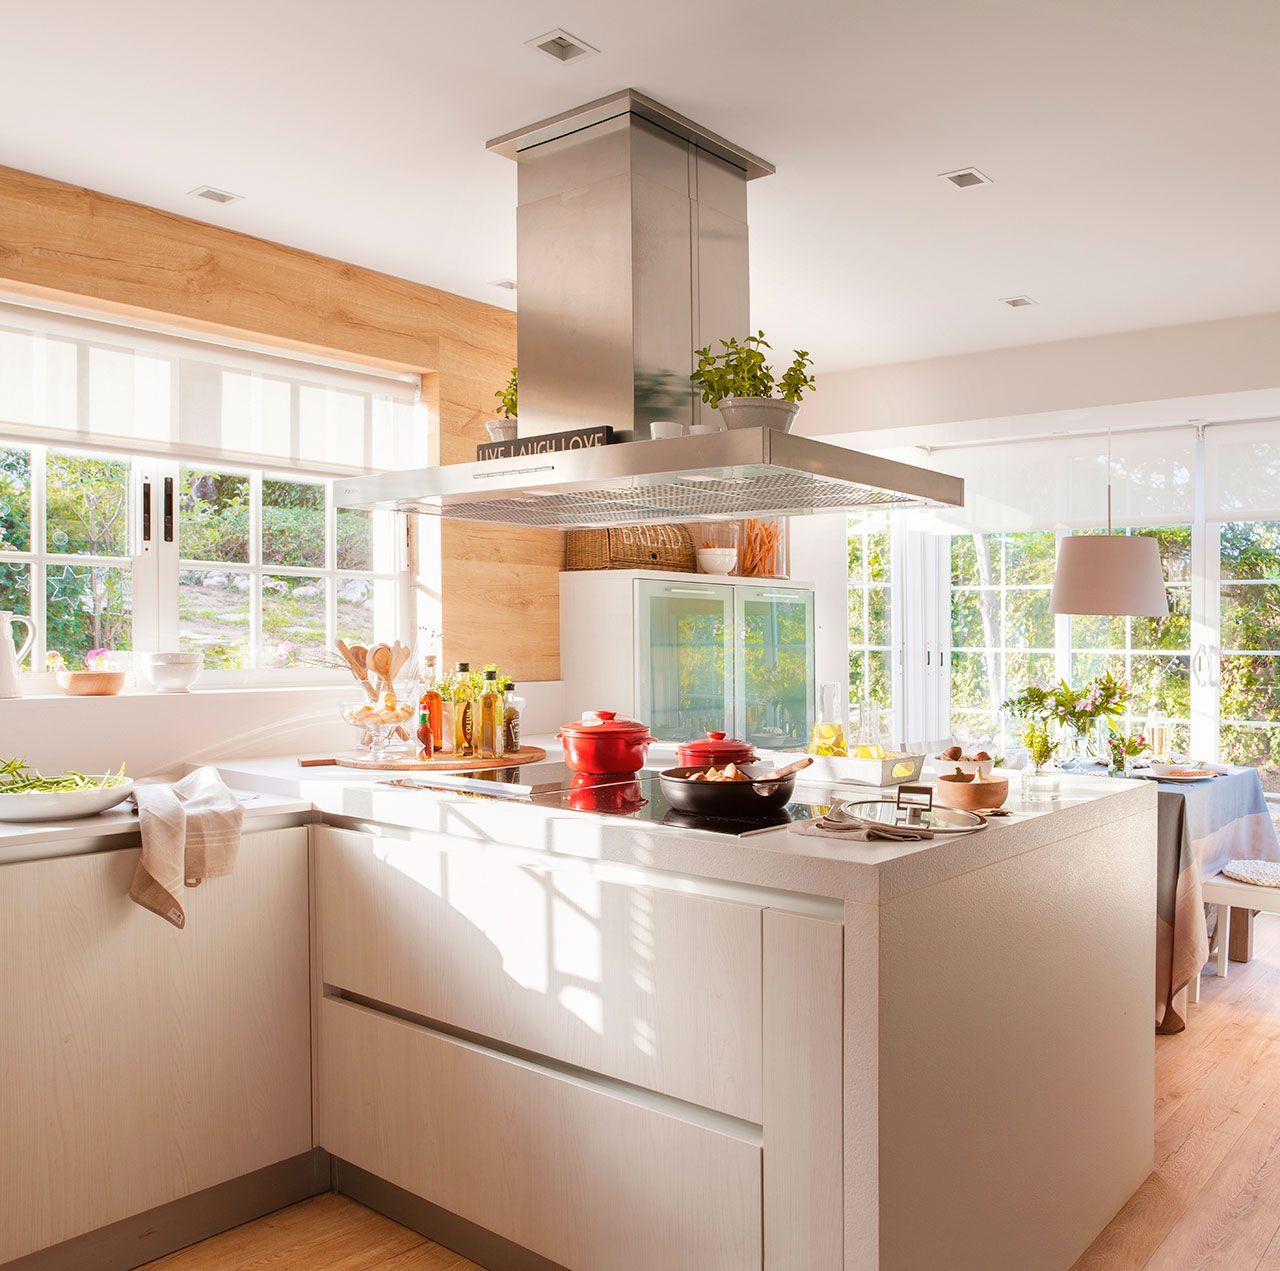 Cocina De Muebles Blancos Abierta A Un Office Con Grandes  # Bonjour Muebles